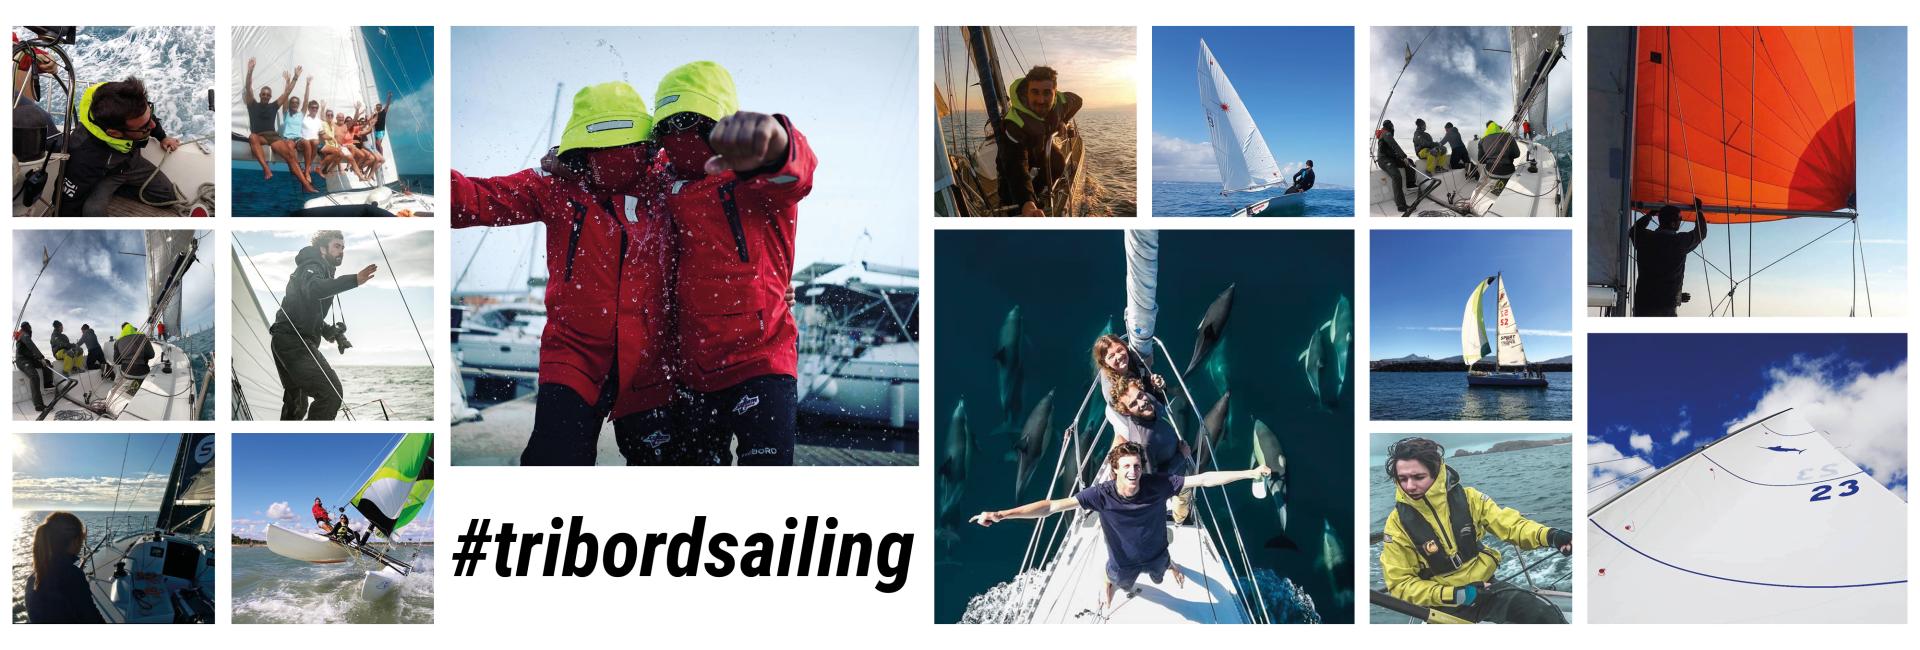 Rejoignez nous sur le Instagram @tribordsailing